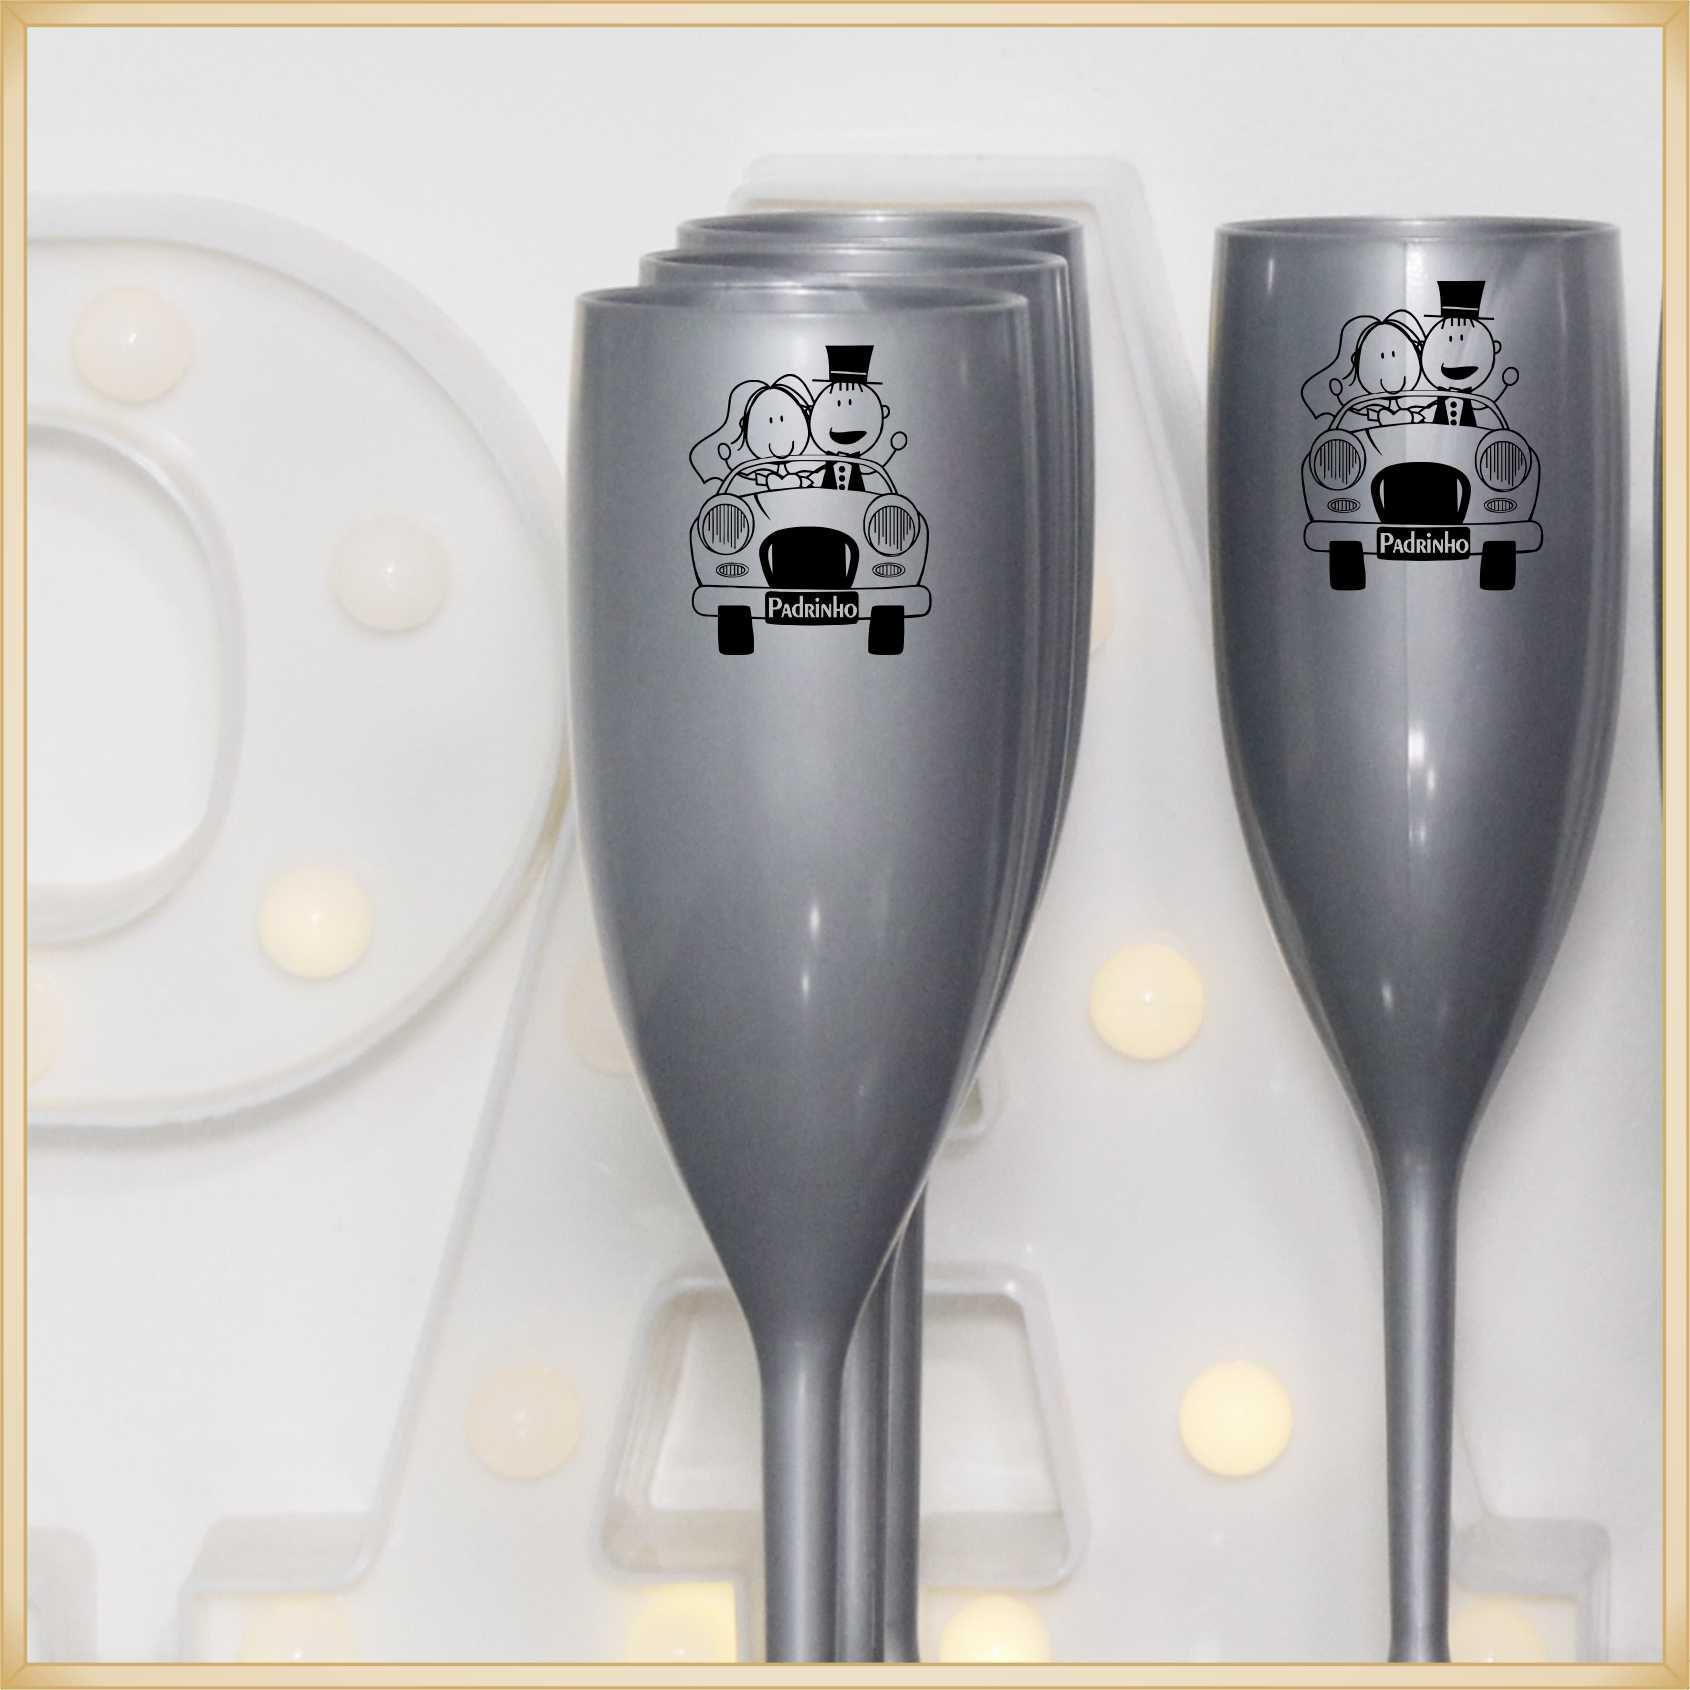 Taça de acrílico Personalizada Casamento - acrílico de qualidade, brilhante, ótimo acabamento, parede de 2,0 mm, produto Atóxico, 190 ml.